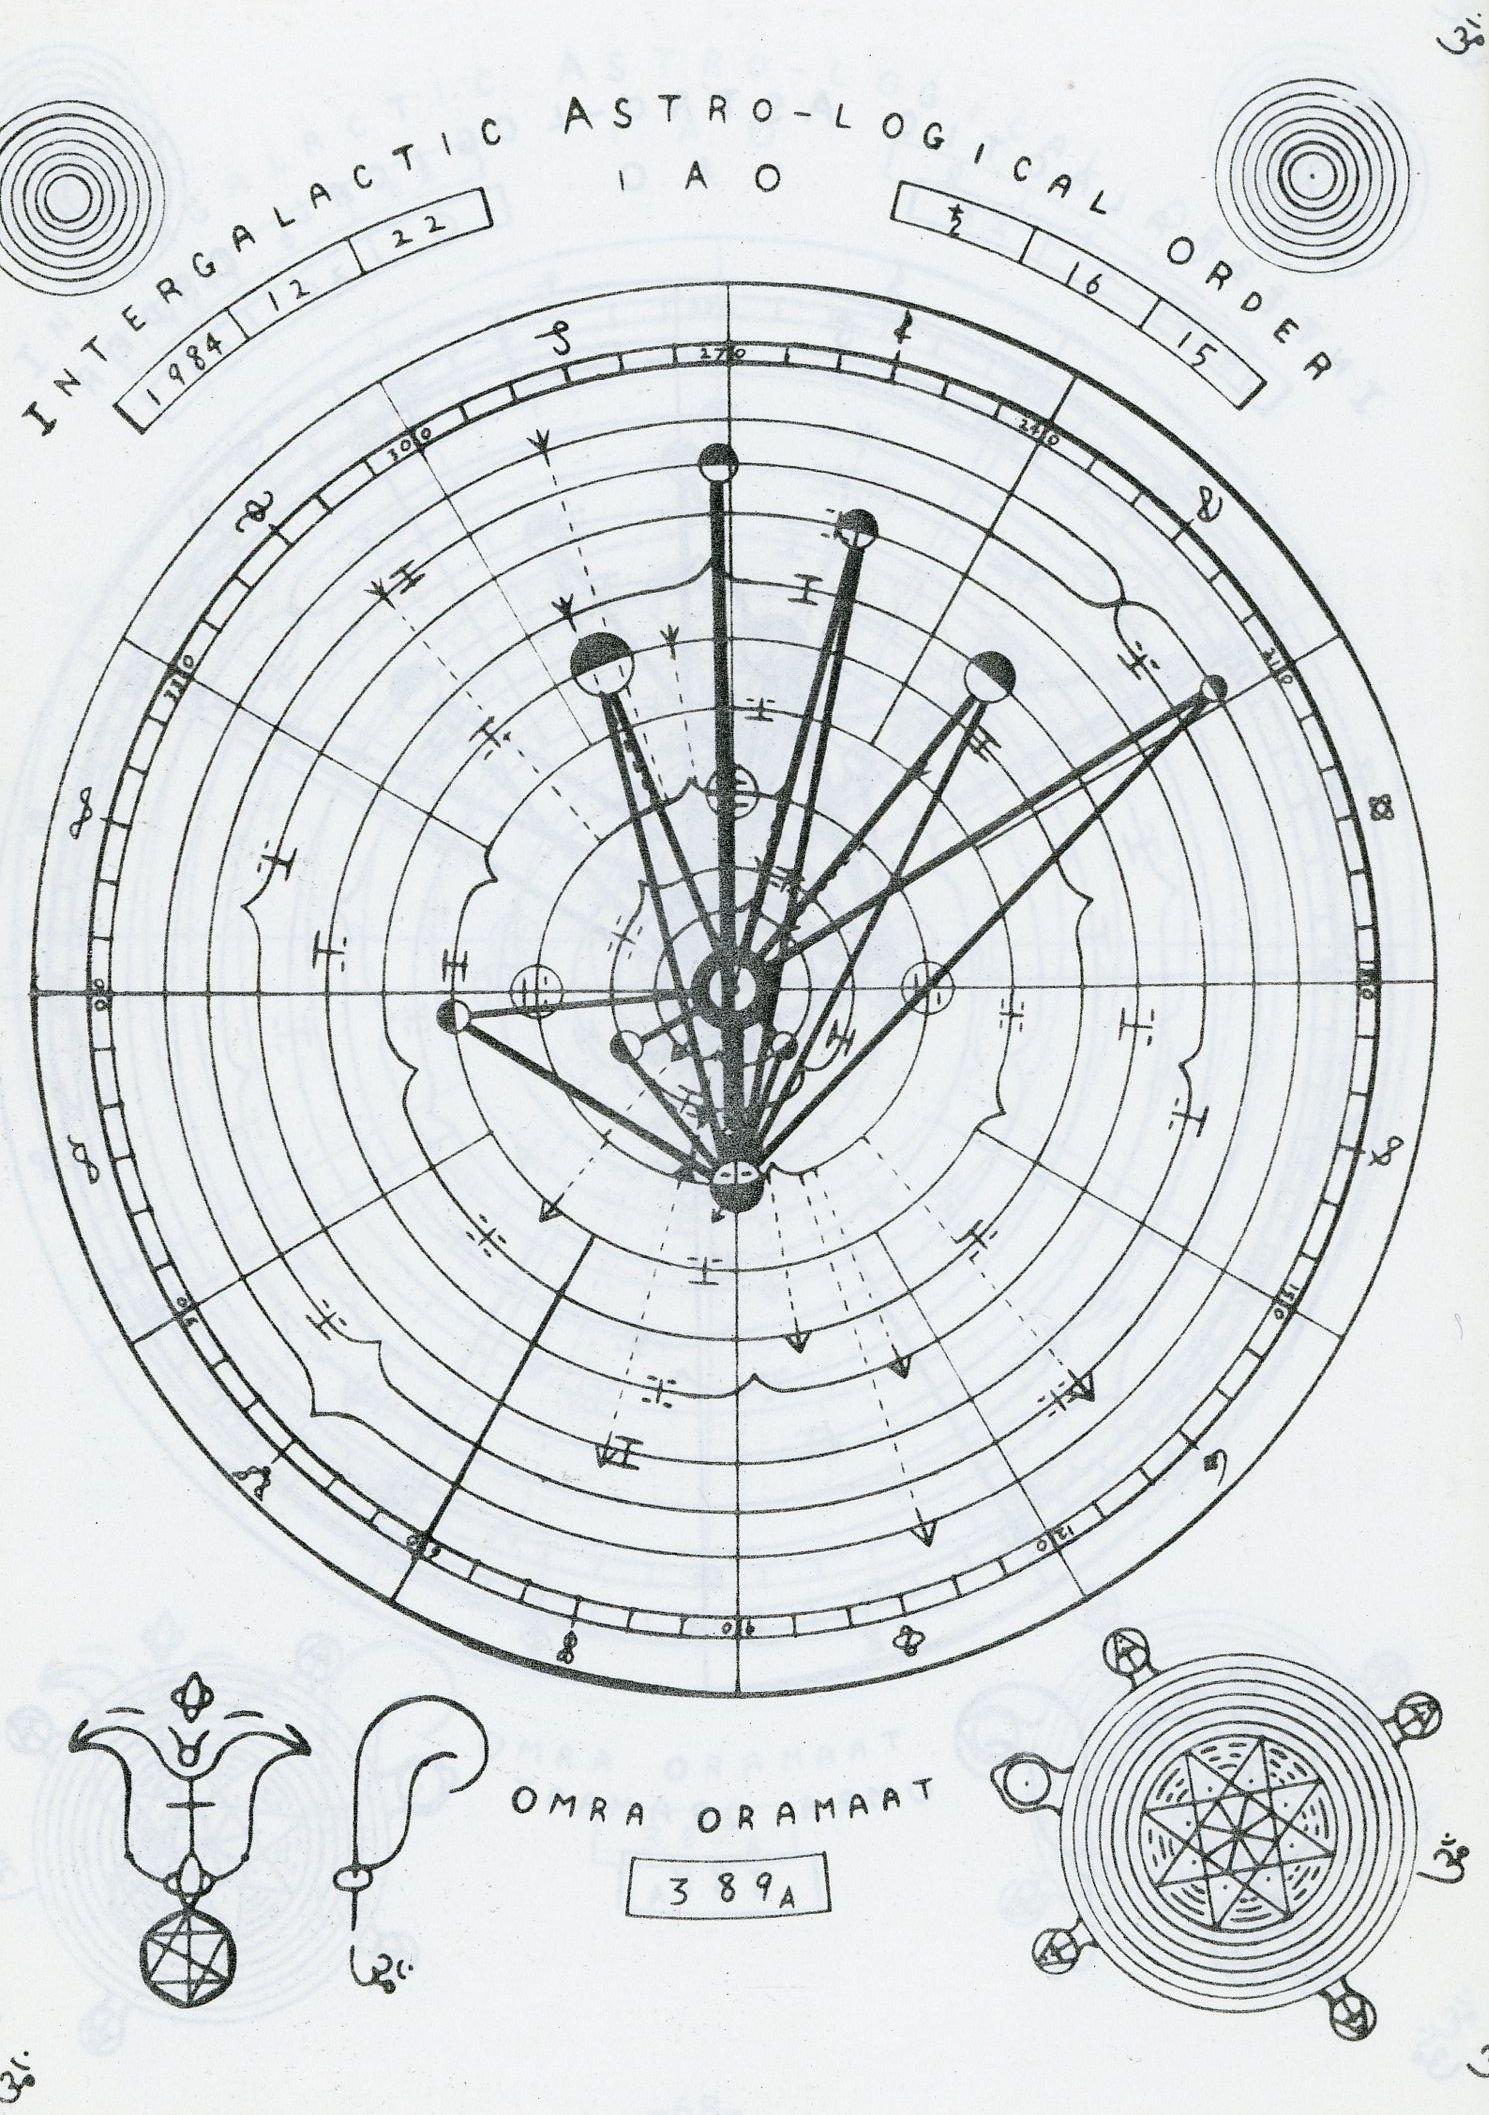 Helio-cht-84-12-22